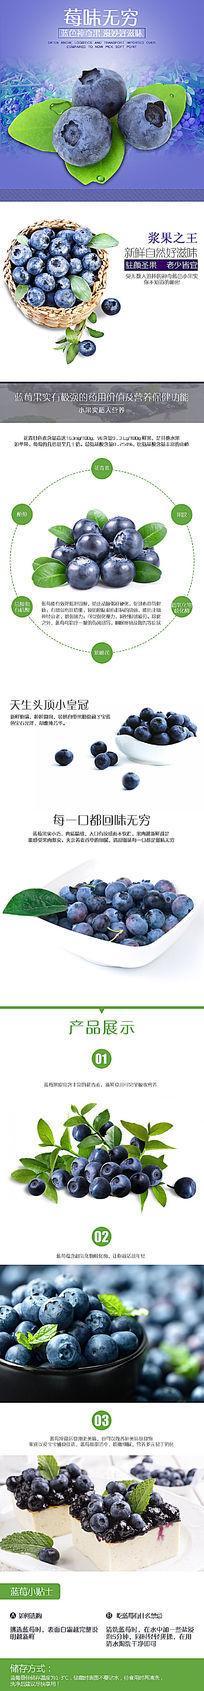 蓝莓宝贝详情页设计